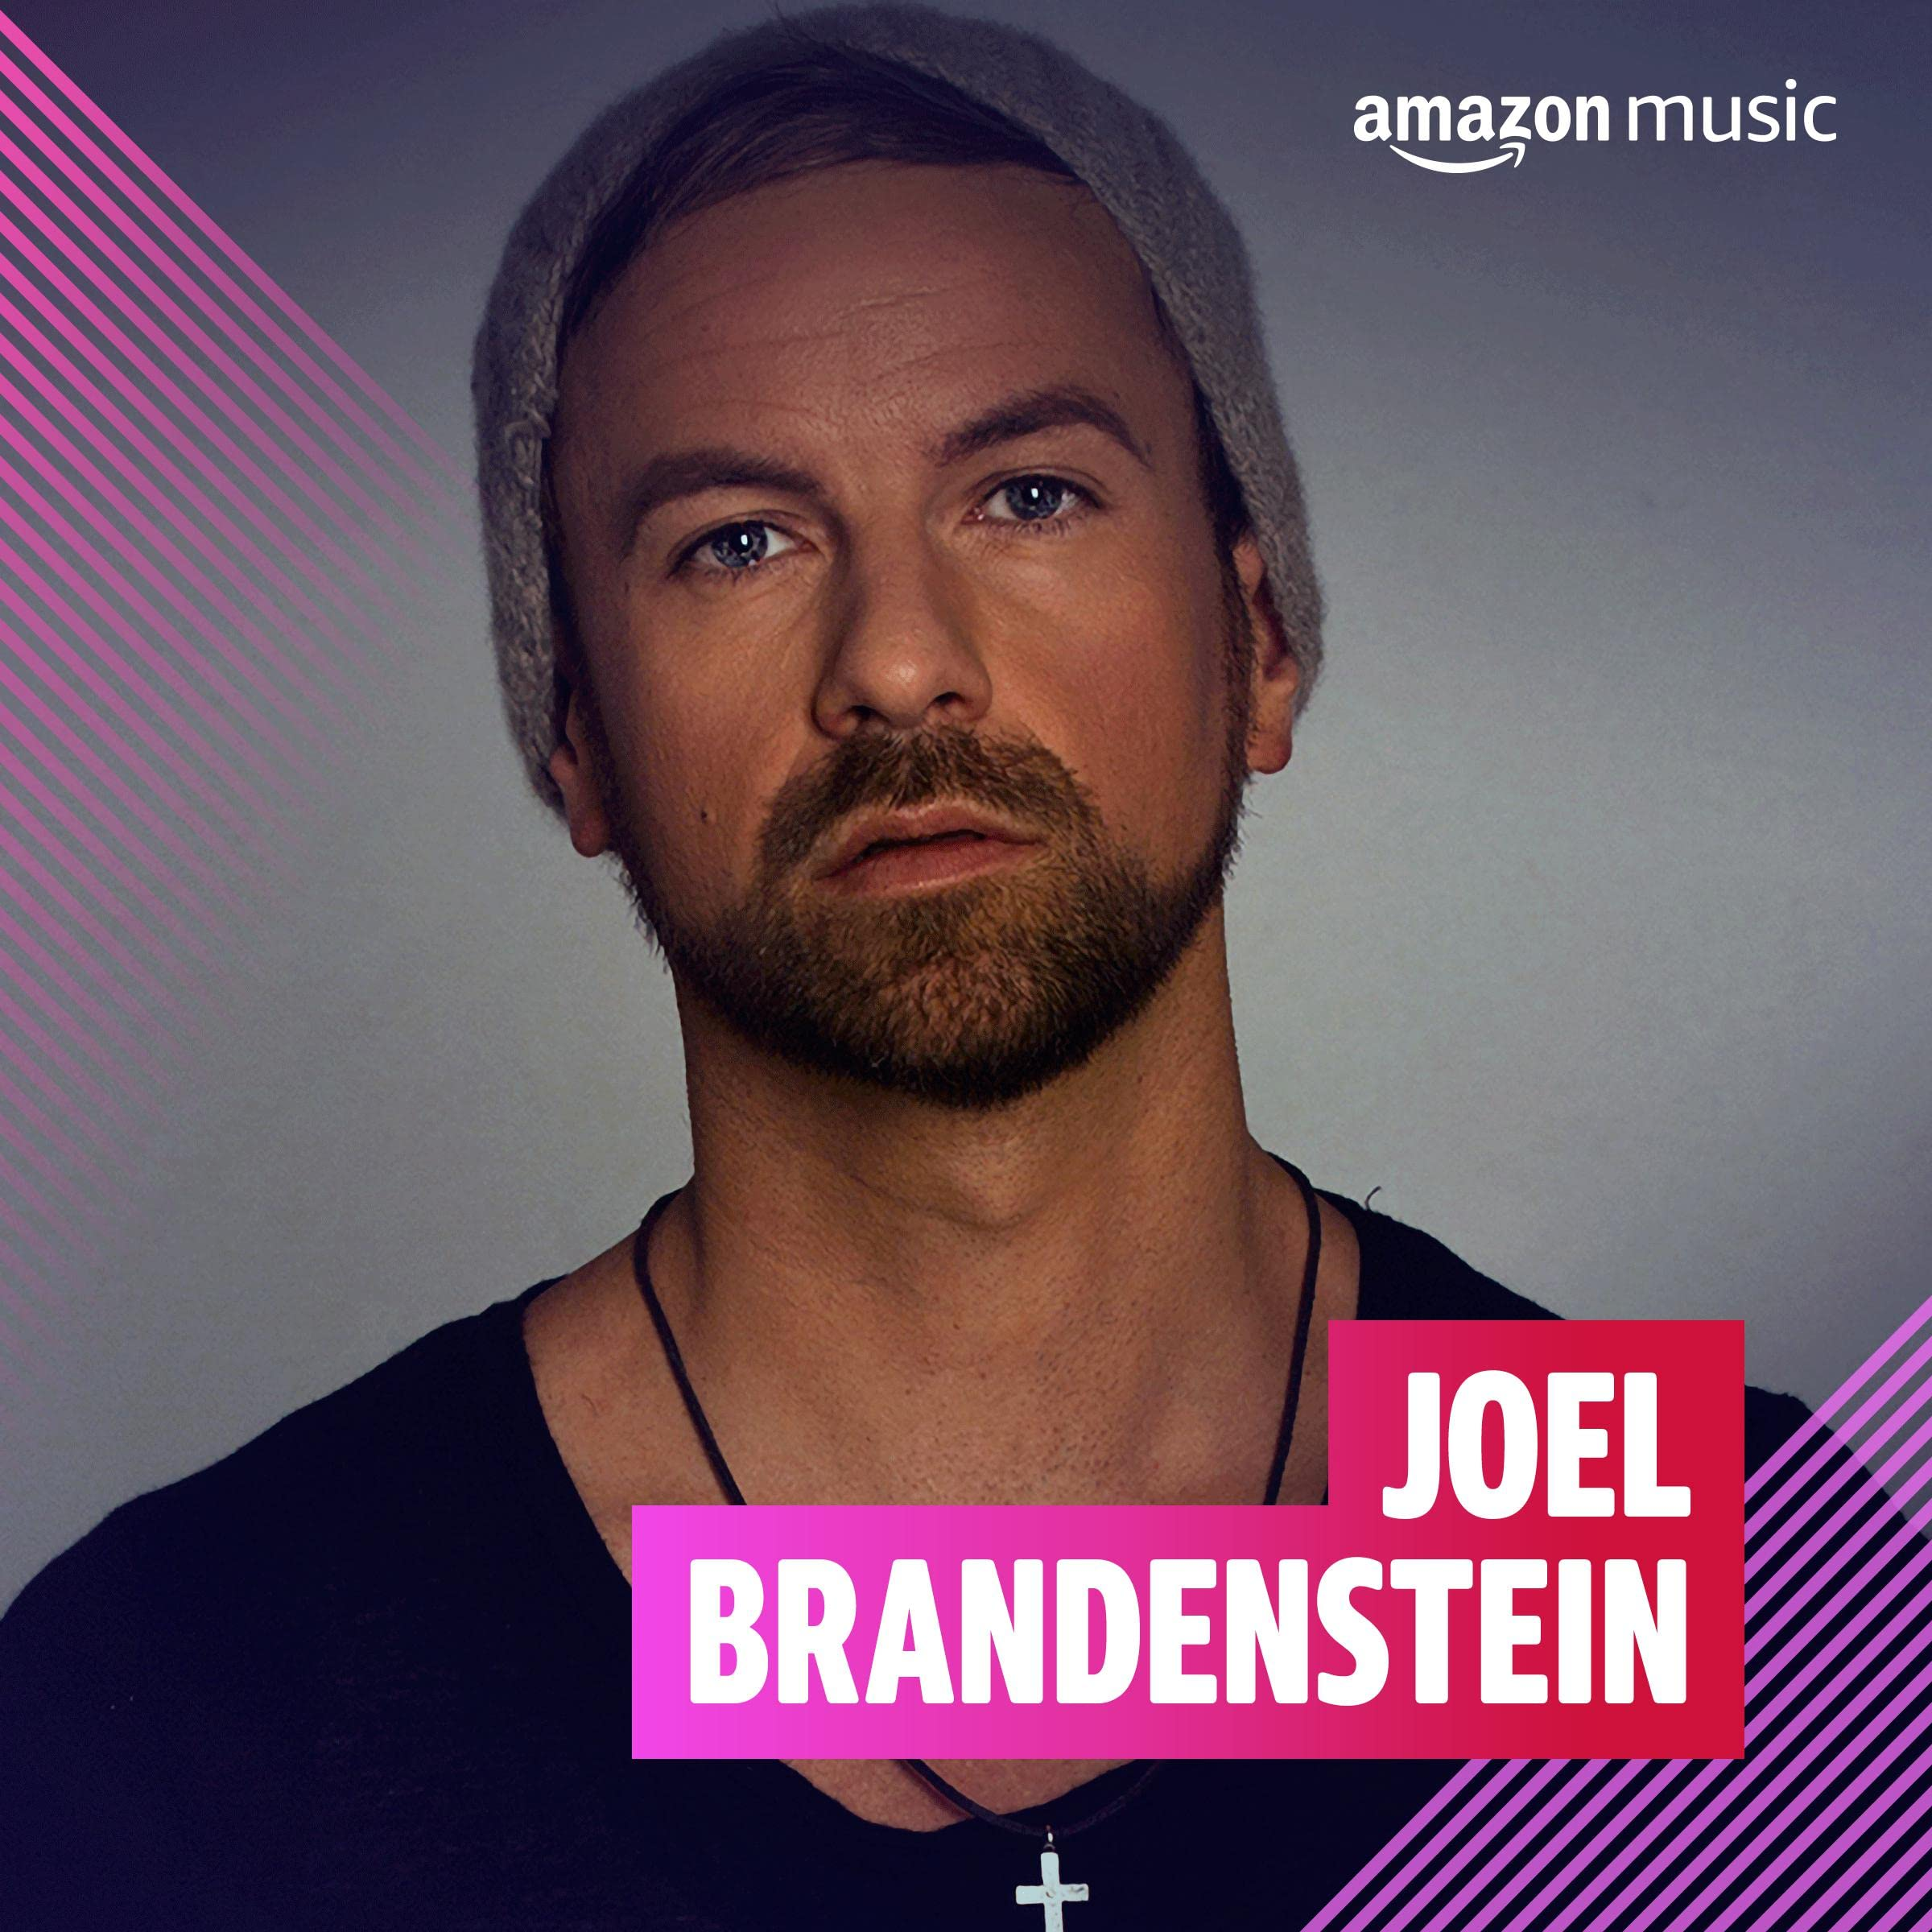 Joel Brandenstein